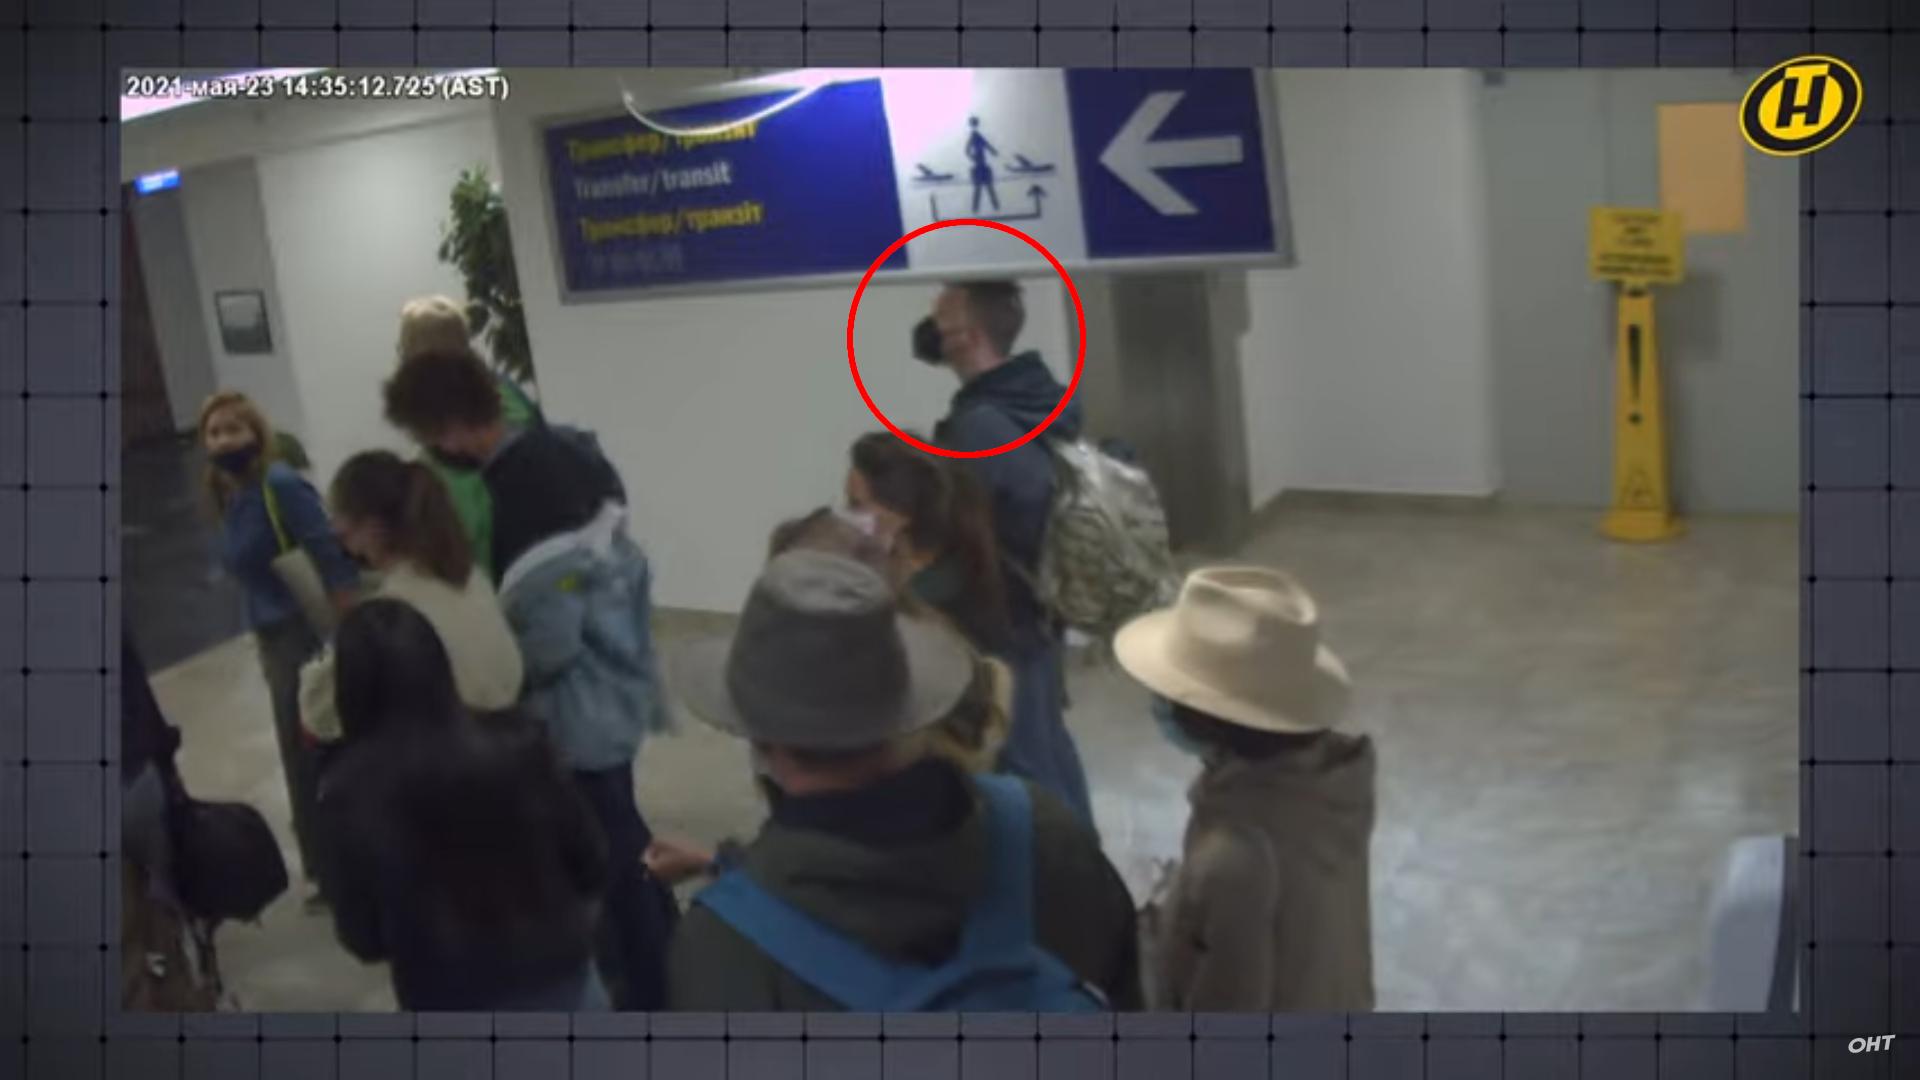 Roman Protassevitch dans la file d'attente à l'aéroport de Minsk - Biélorussie